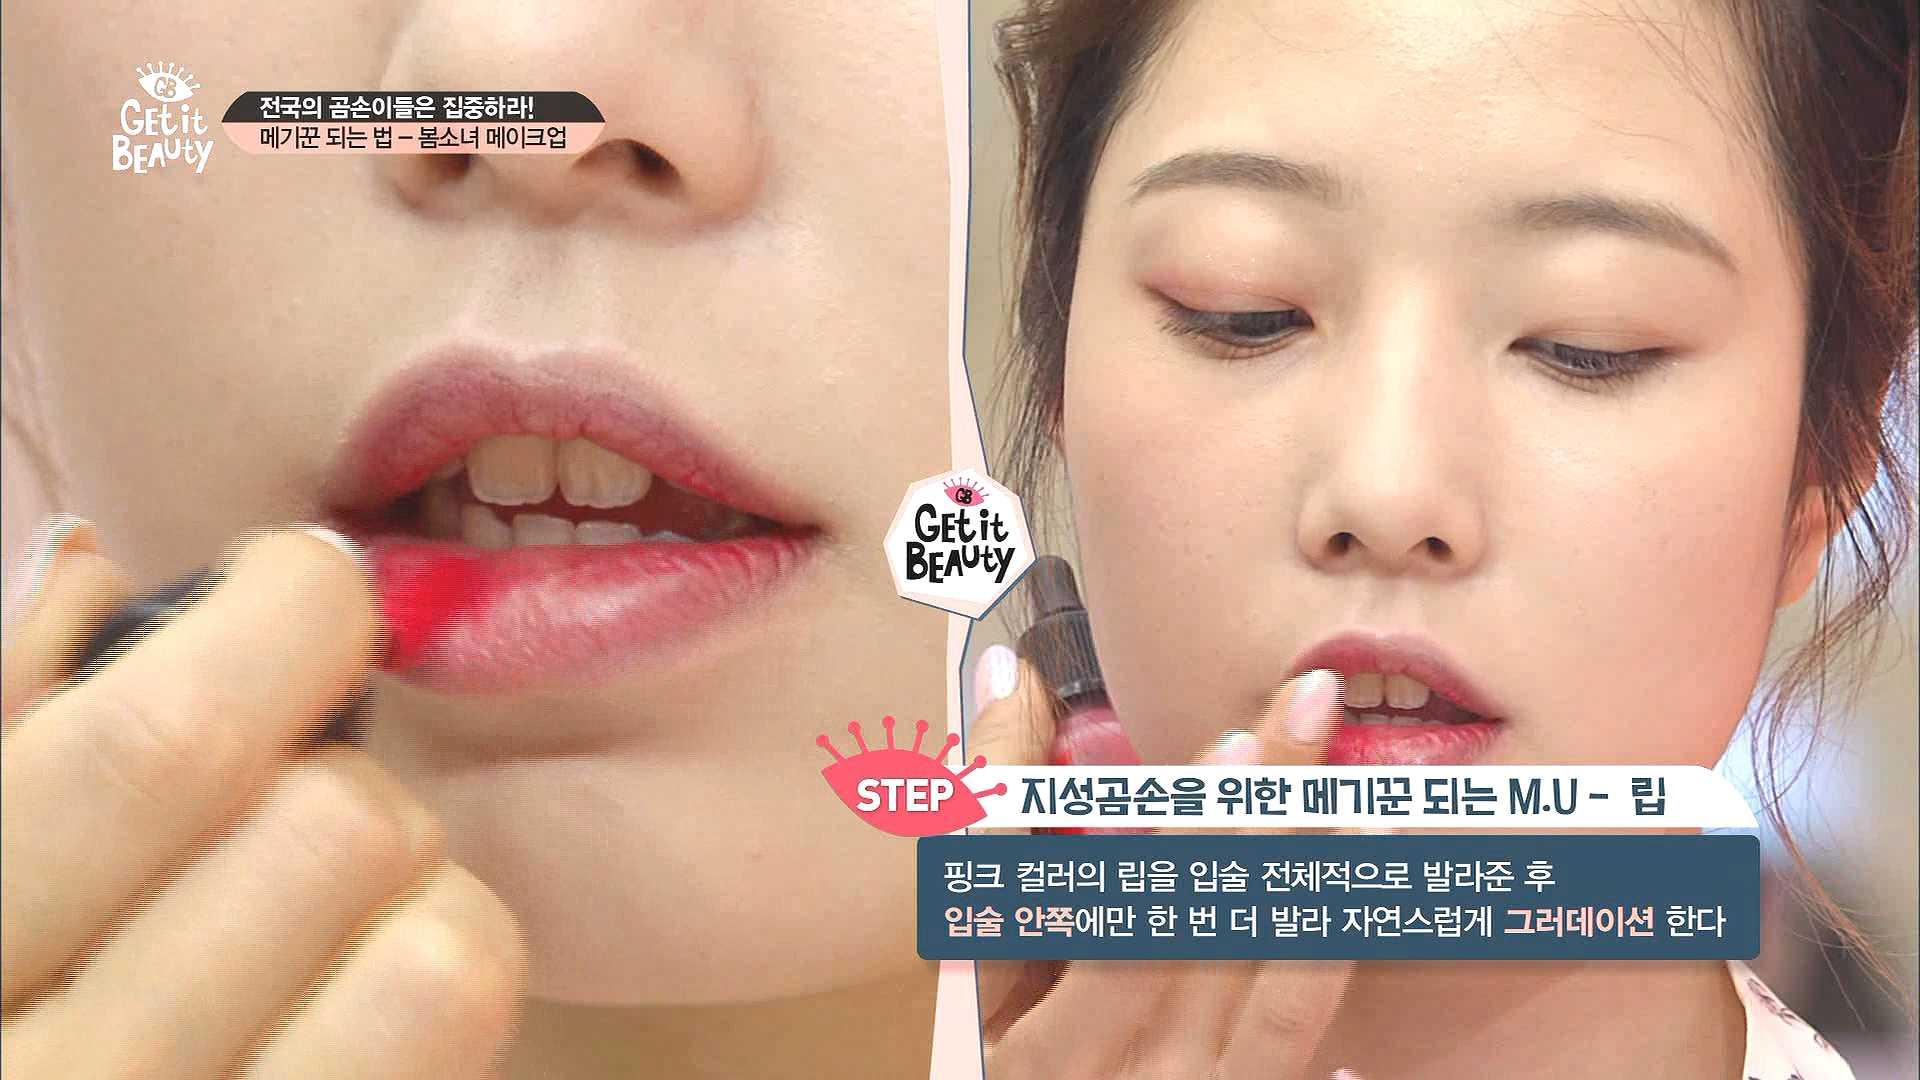 마지막으로 핑크 컬러의 립을 입술 전체적으로 발라준 후 입술 안쪽에만 한 번 더 발라 자연스럽게 그러데이션 하면